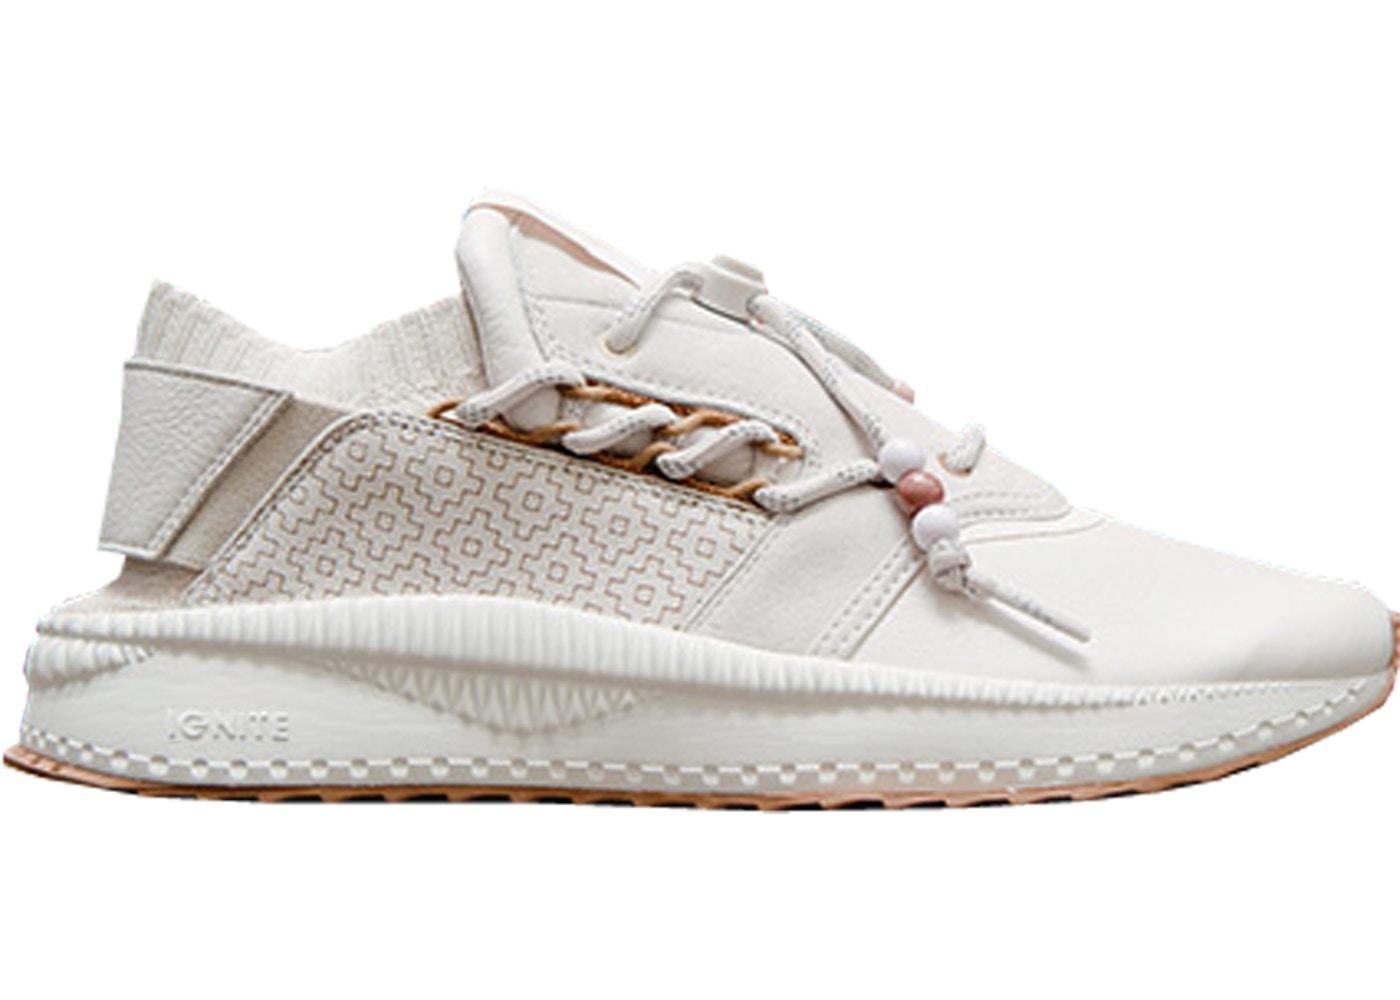 Puma Size 12 Shoes - Last Sale e141b5ed1